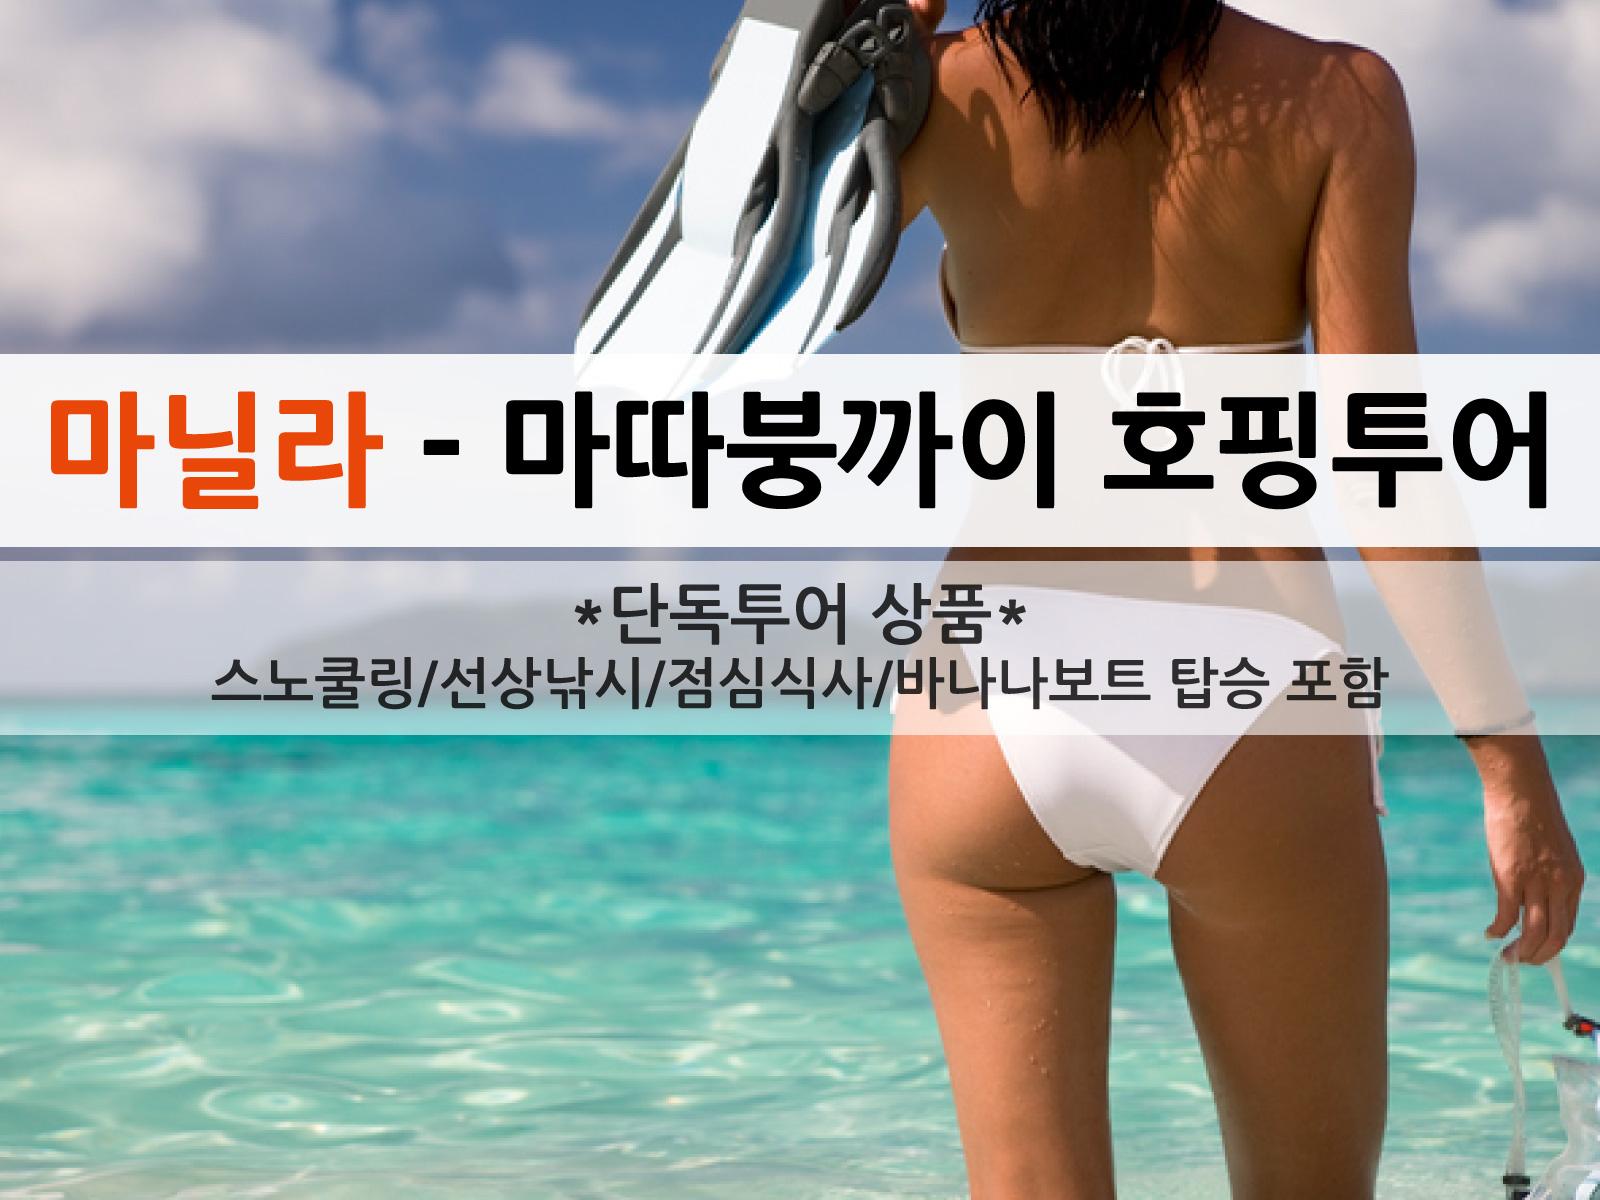 [단독] 마닐라 일일투어 마따붕까이 호핑투어 - 스노클링, 바나나보트